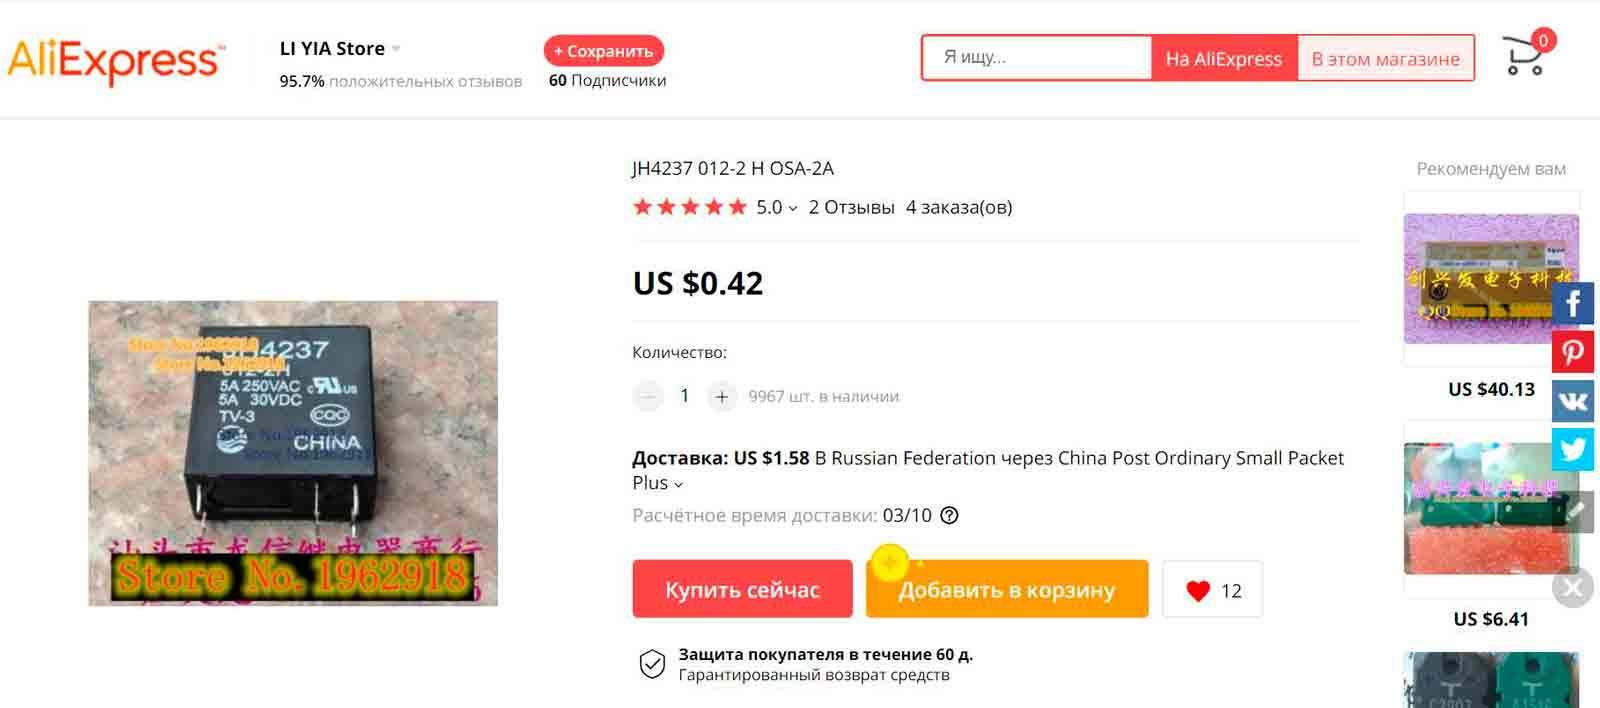 реле JH4237 на aliexpress, цена, продавец фото